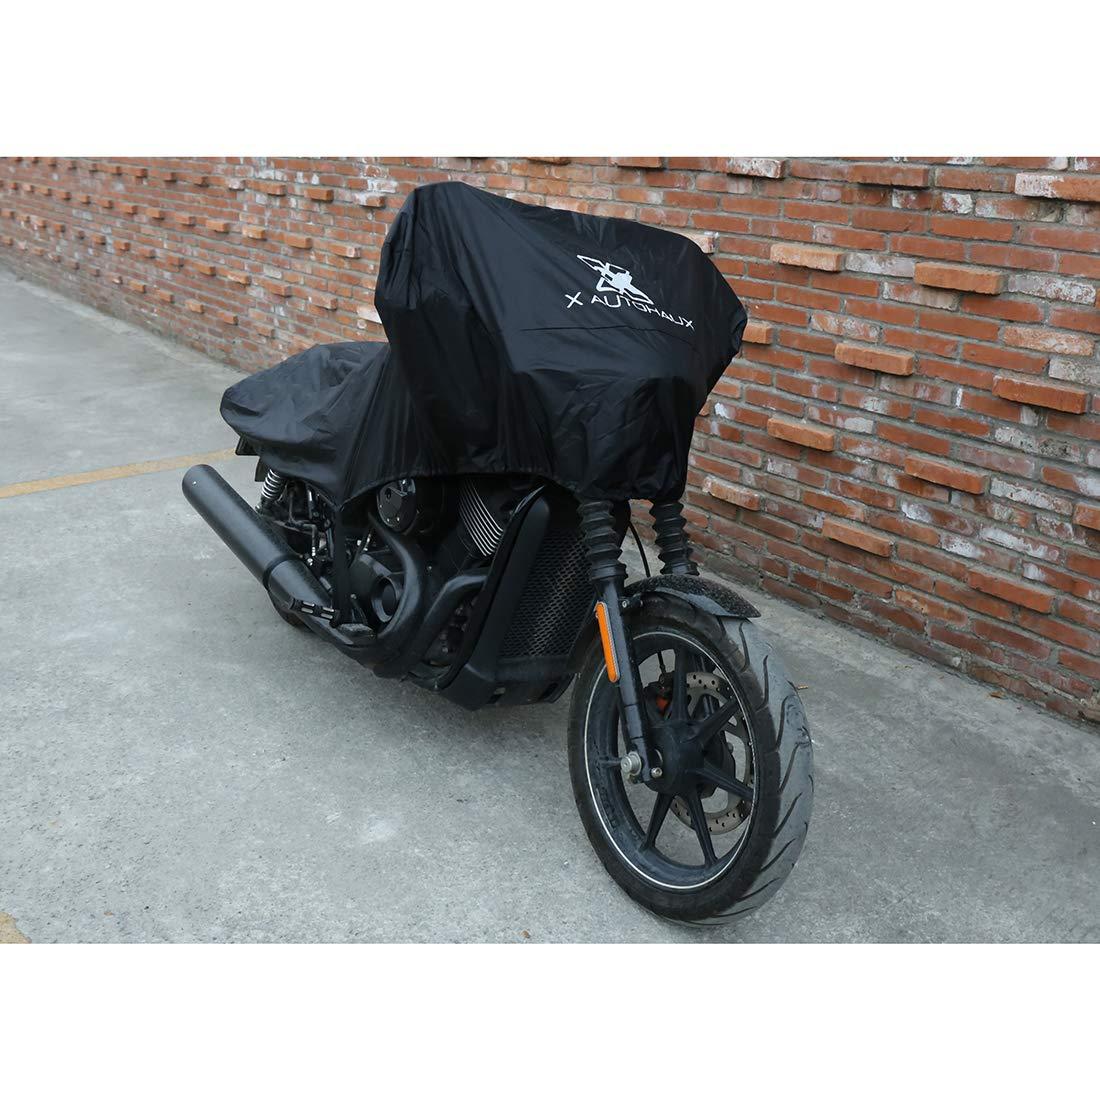 sourcing map Motorrad Abdeckplane Halb Abdeckung Outdoor Wasserdichten Regen Staub UV Schutz Motorradgarage M,schwarz Motorradabdeckungen